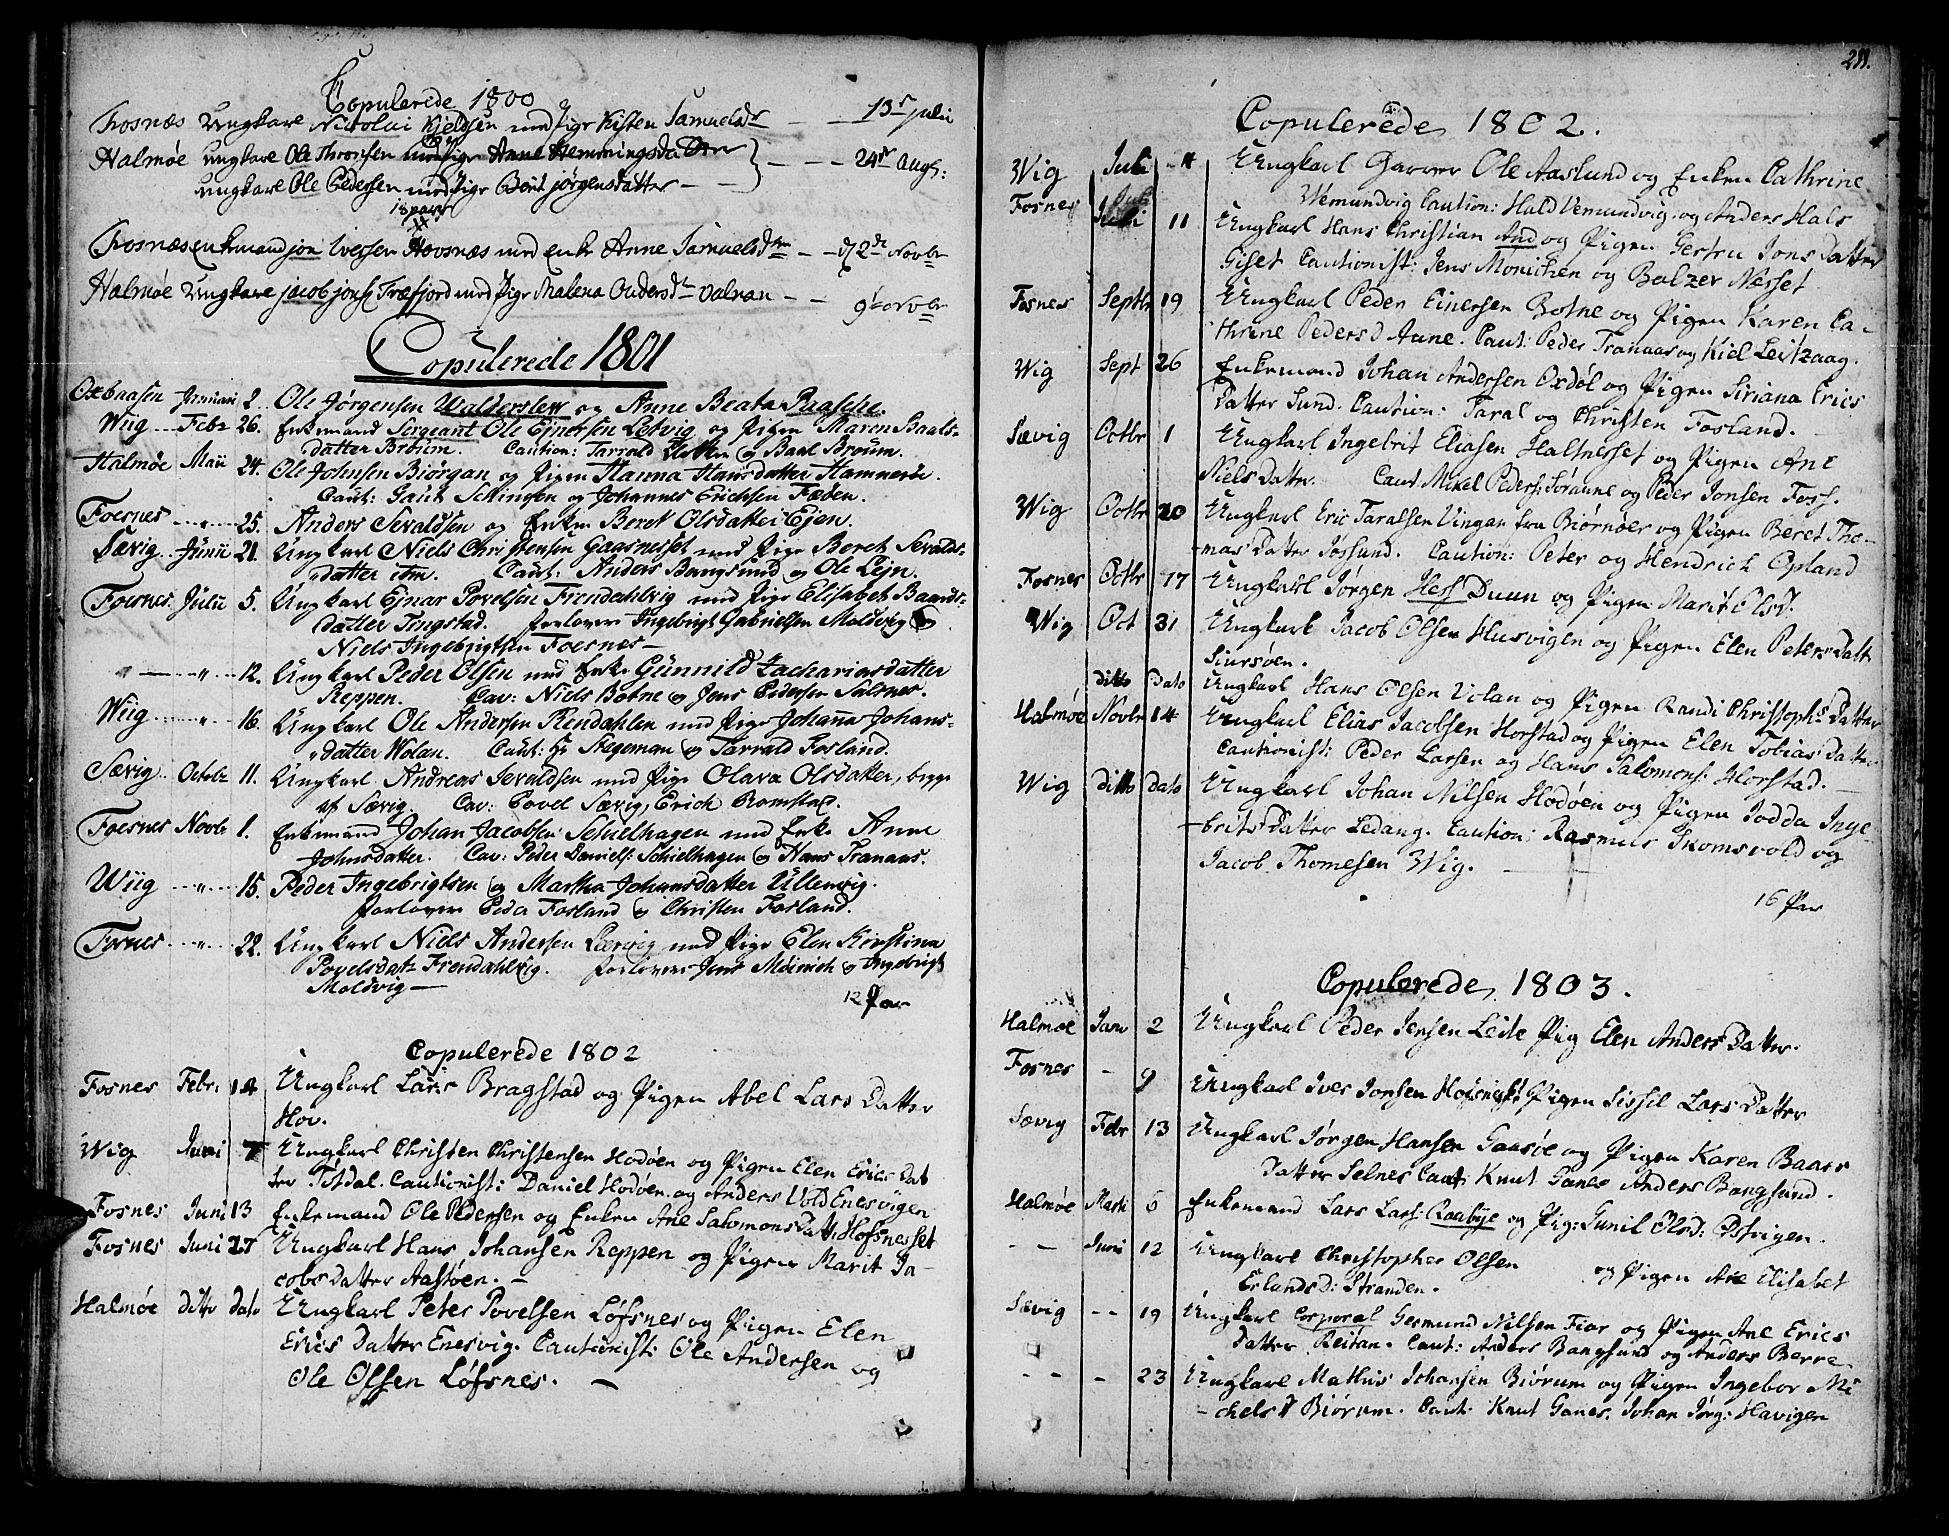 SAT, Ministerialprotokoller, klokkerbøker og fødselsregistre - Nord-Trøndelag, 773/L0608: Ministerialbok nr. 773A02, 1784-1816, s. 211